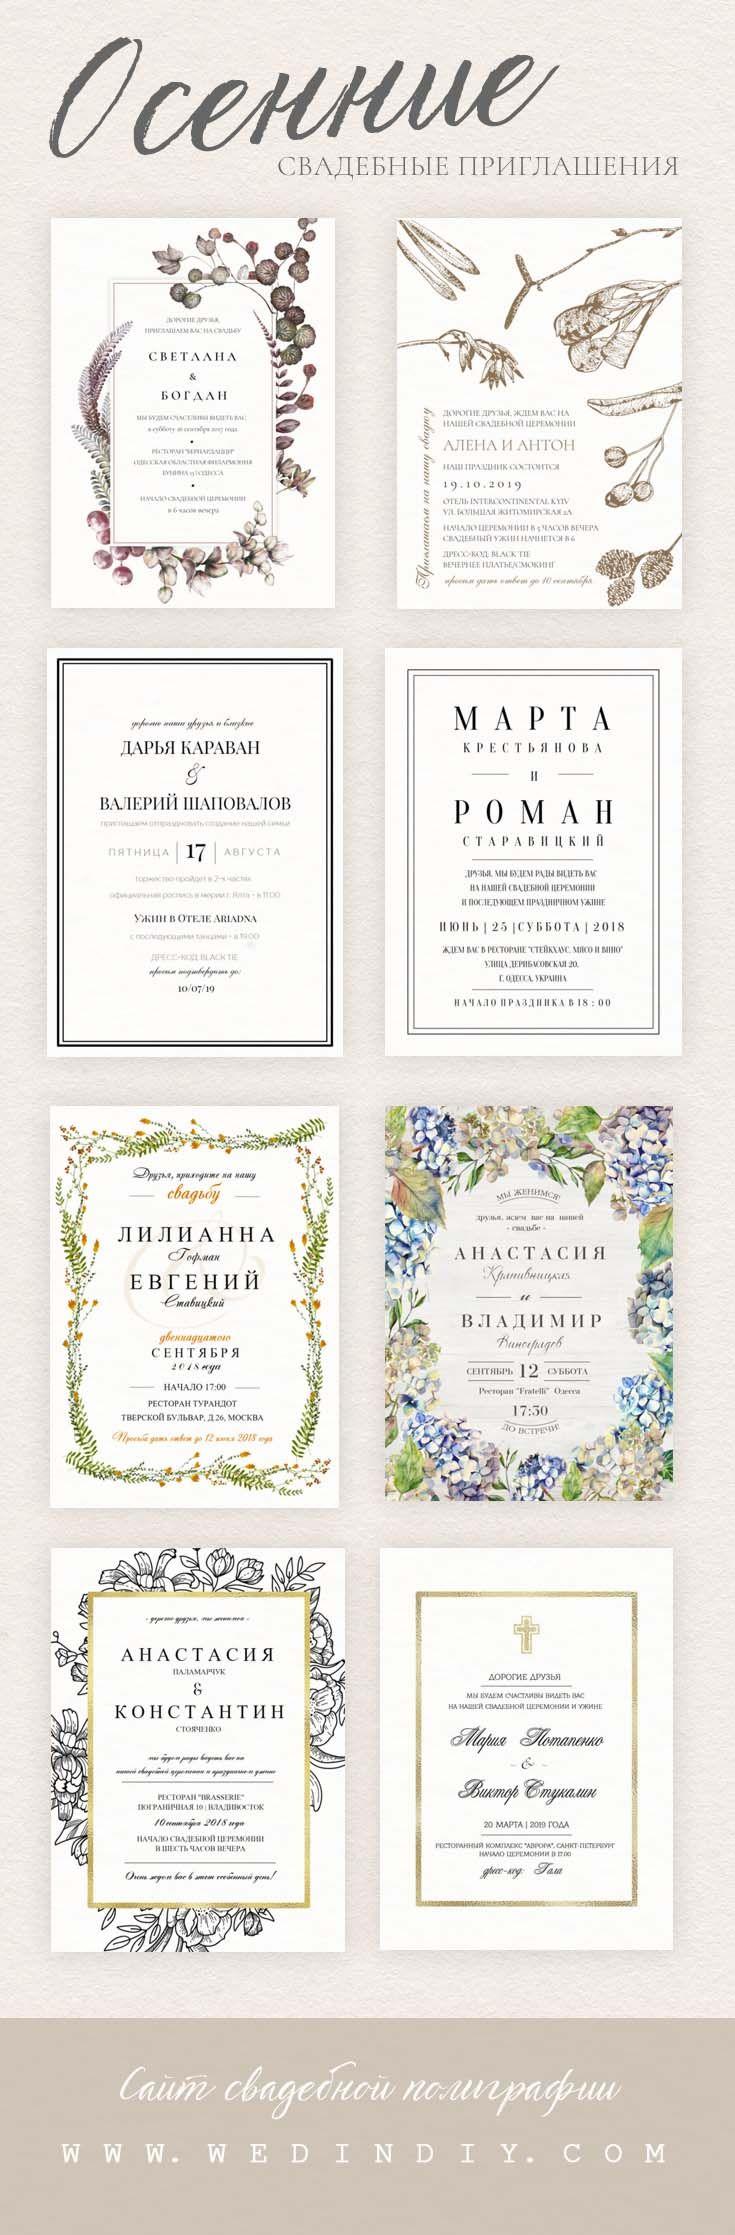 Осенние свадебные приглашения, выполненные в технике акварель, тиснение, точечная графика доступны к заказу на нашем сайте.